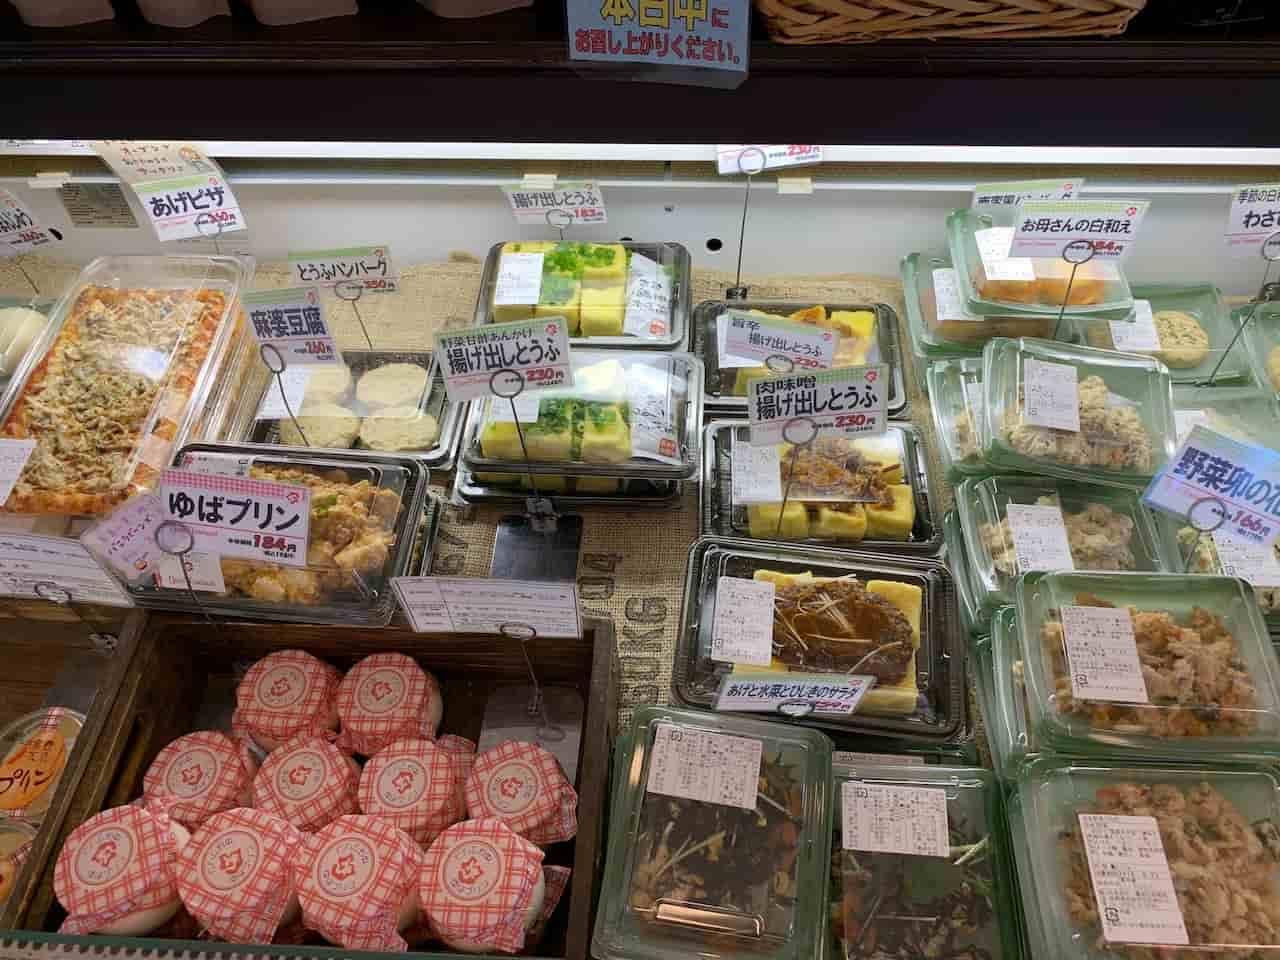 富成伍郎商店のお惣菜